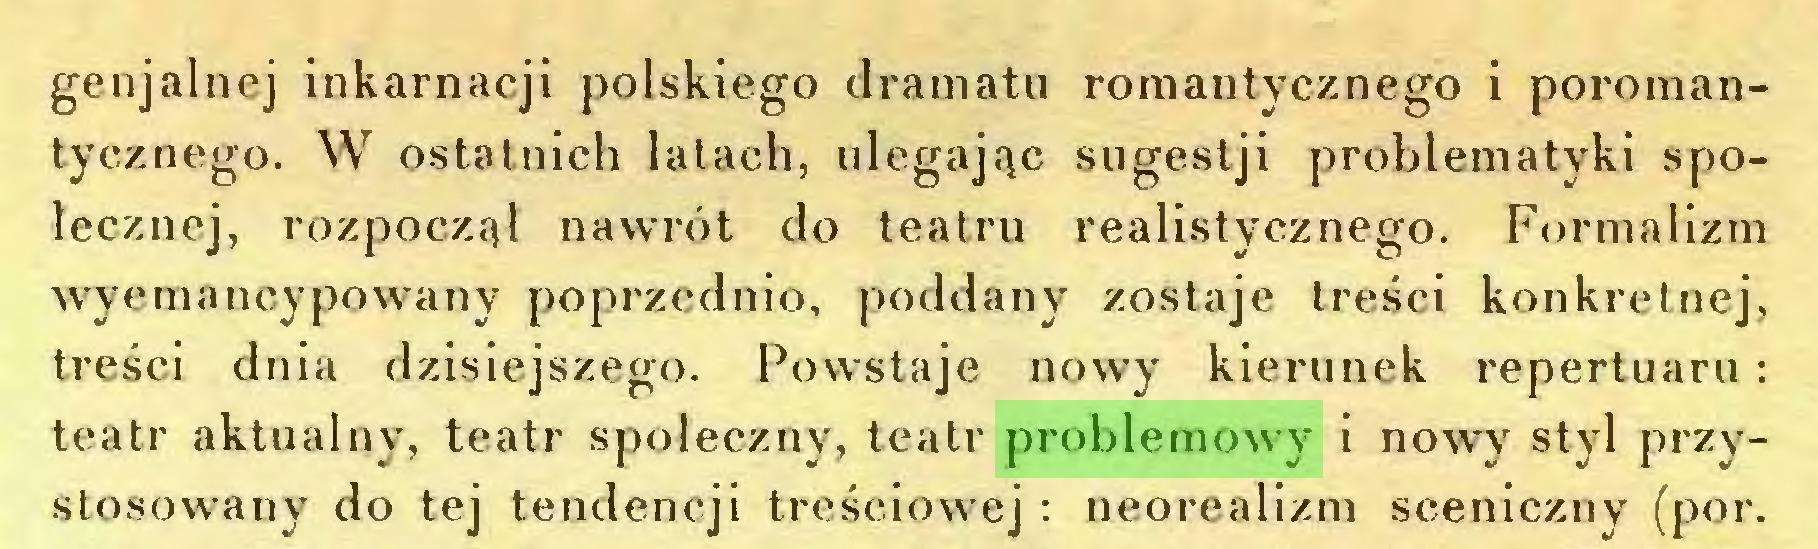 (...) genjalnej inkarnacji polskiego dramatu romantycznego i poromantycznego. W ostatnich latach, ulegając sugestji problematyki społecznej, rozpoczął nawrót do teatru realistycznego. Formalizm wyemancypowany poprzednio, poddany zostaje treści konkretnej, treści dnia dzisiejszego. Powstaje nowy kierunek repertuaru: teatr aktualny, teatr społeczny, teatr problemowy i nowy styl przystosowany do tej tendencji treściowej: neorealizm sceniczny (por...